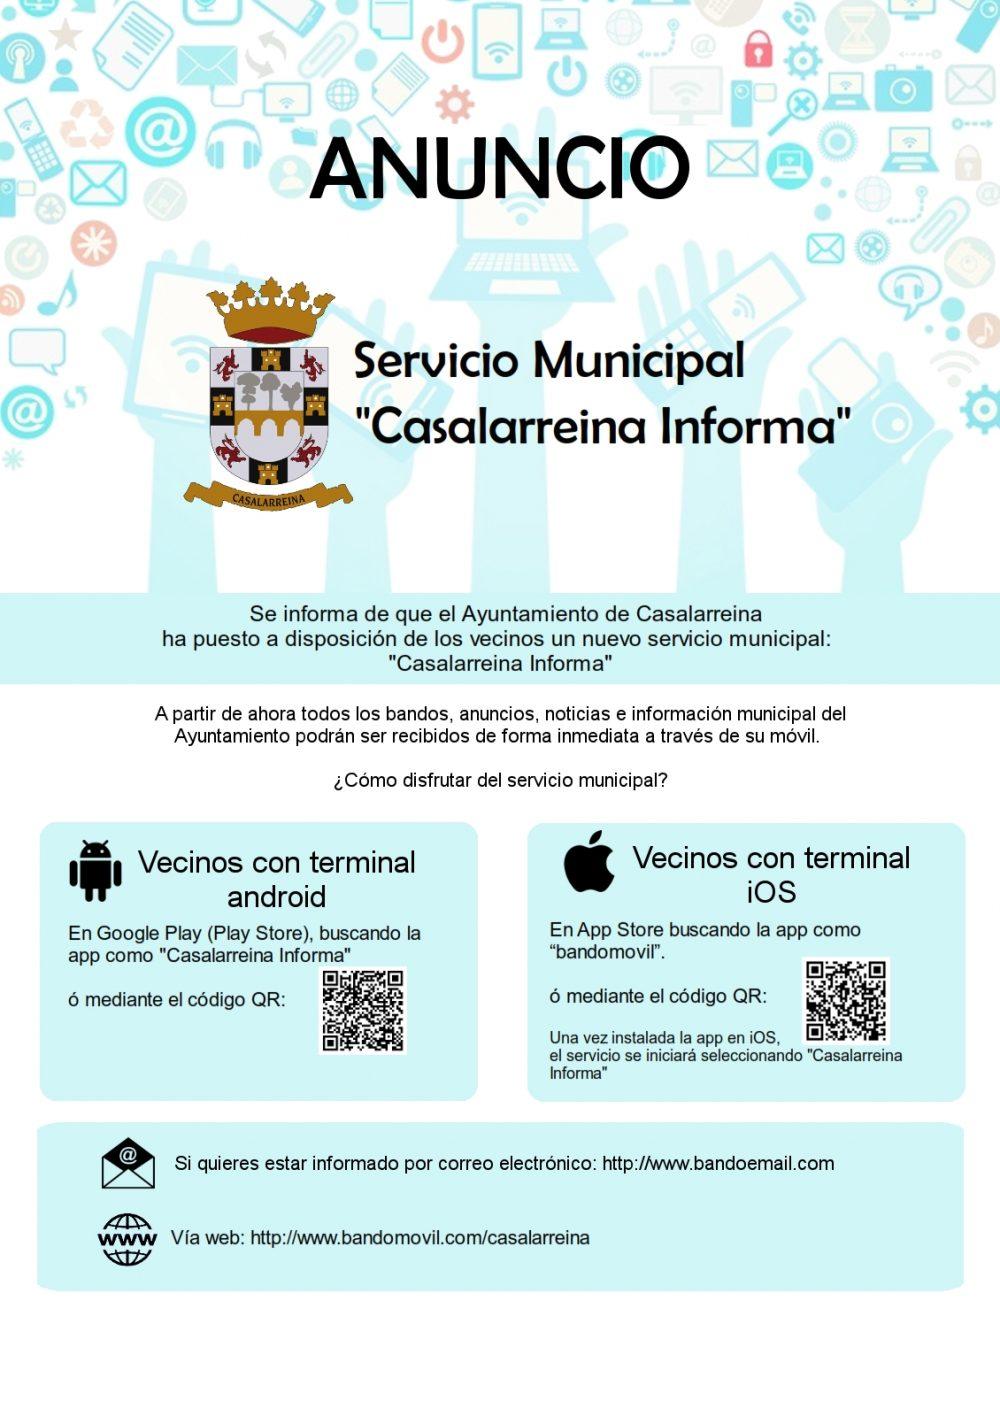 Nuevo servicio Casalarreina Informa